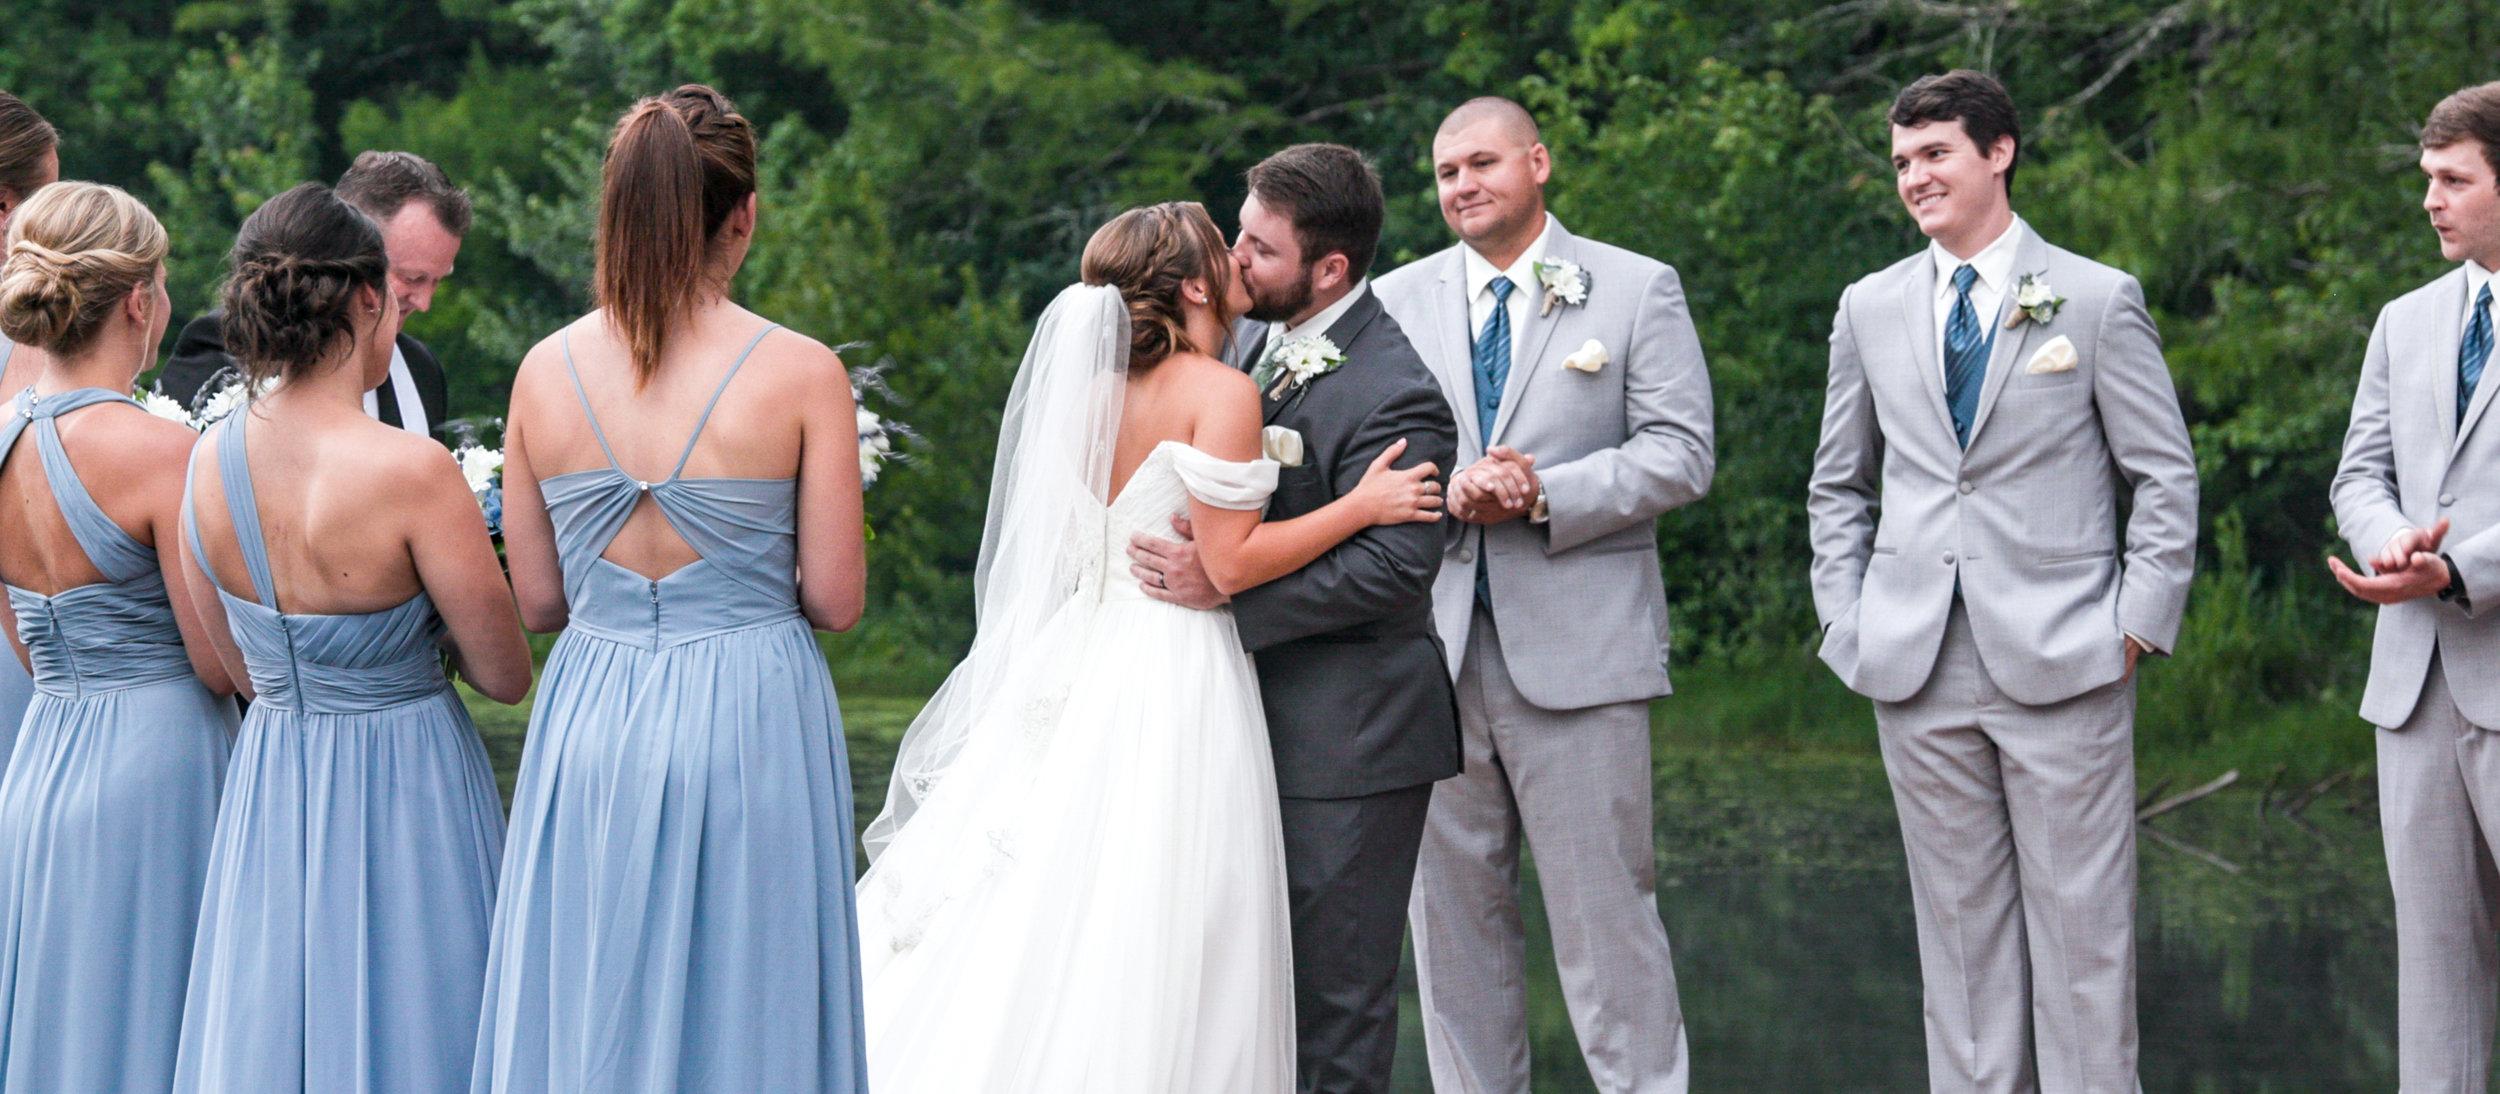 Wedding Film Still-7.jpg